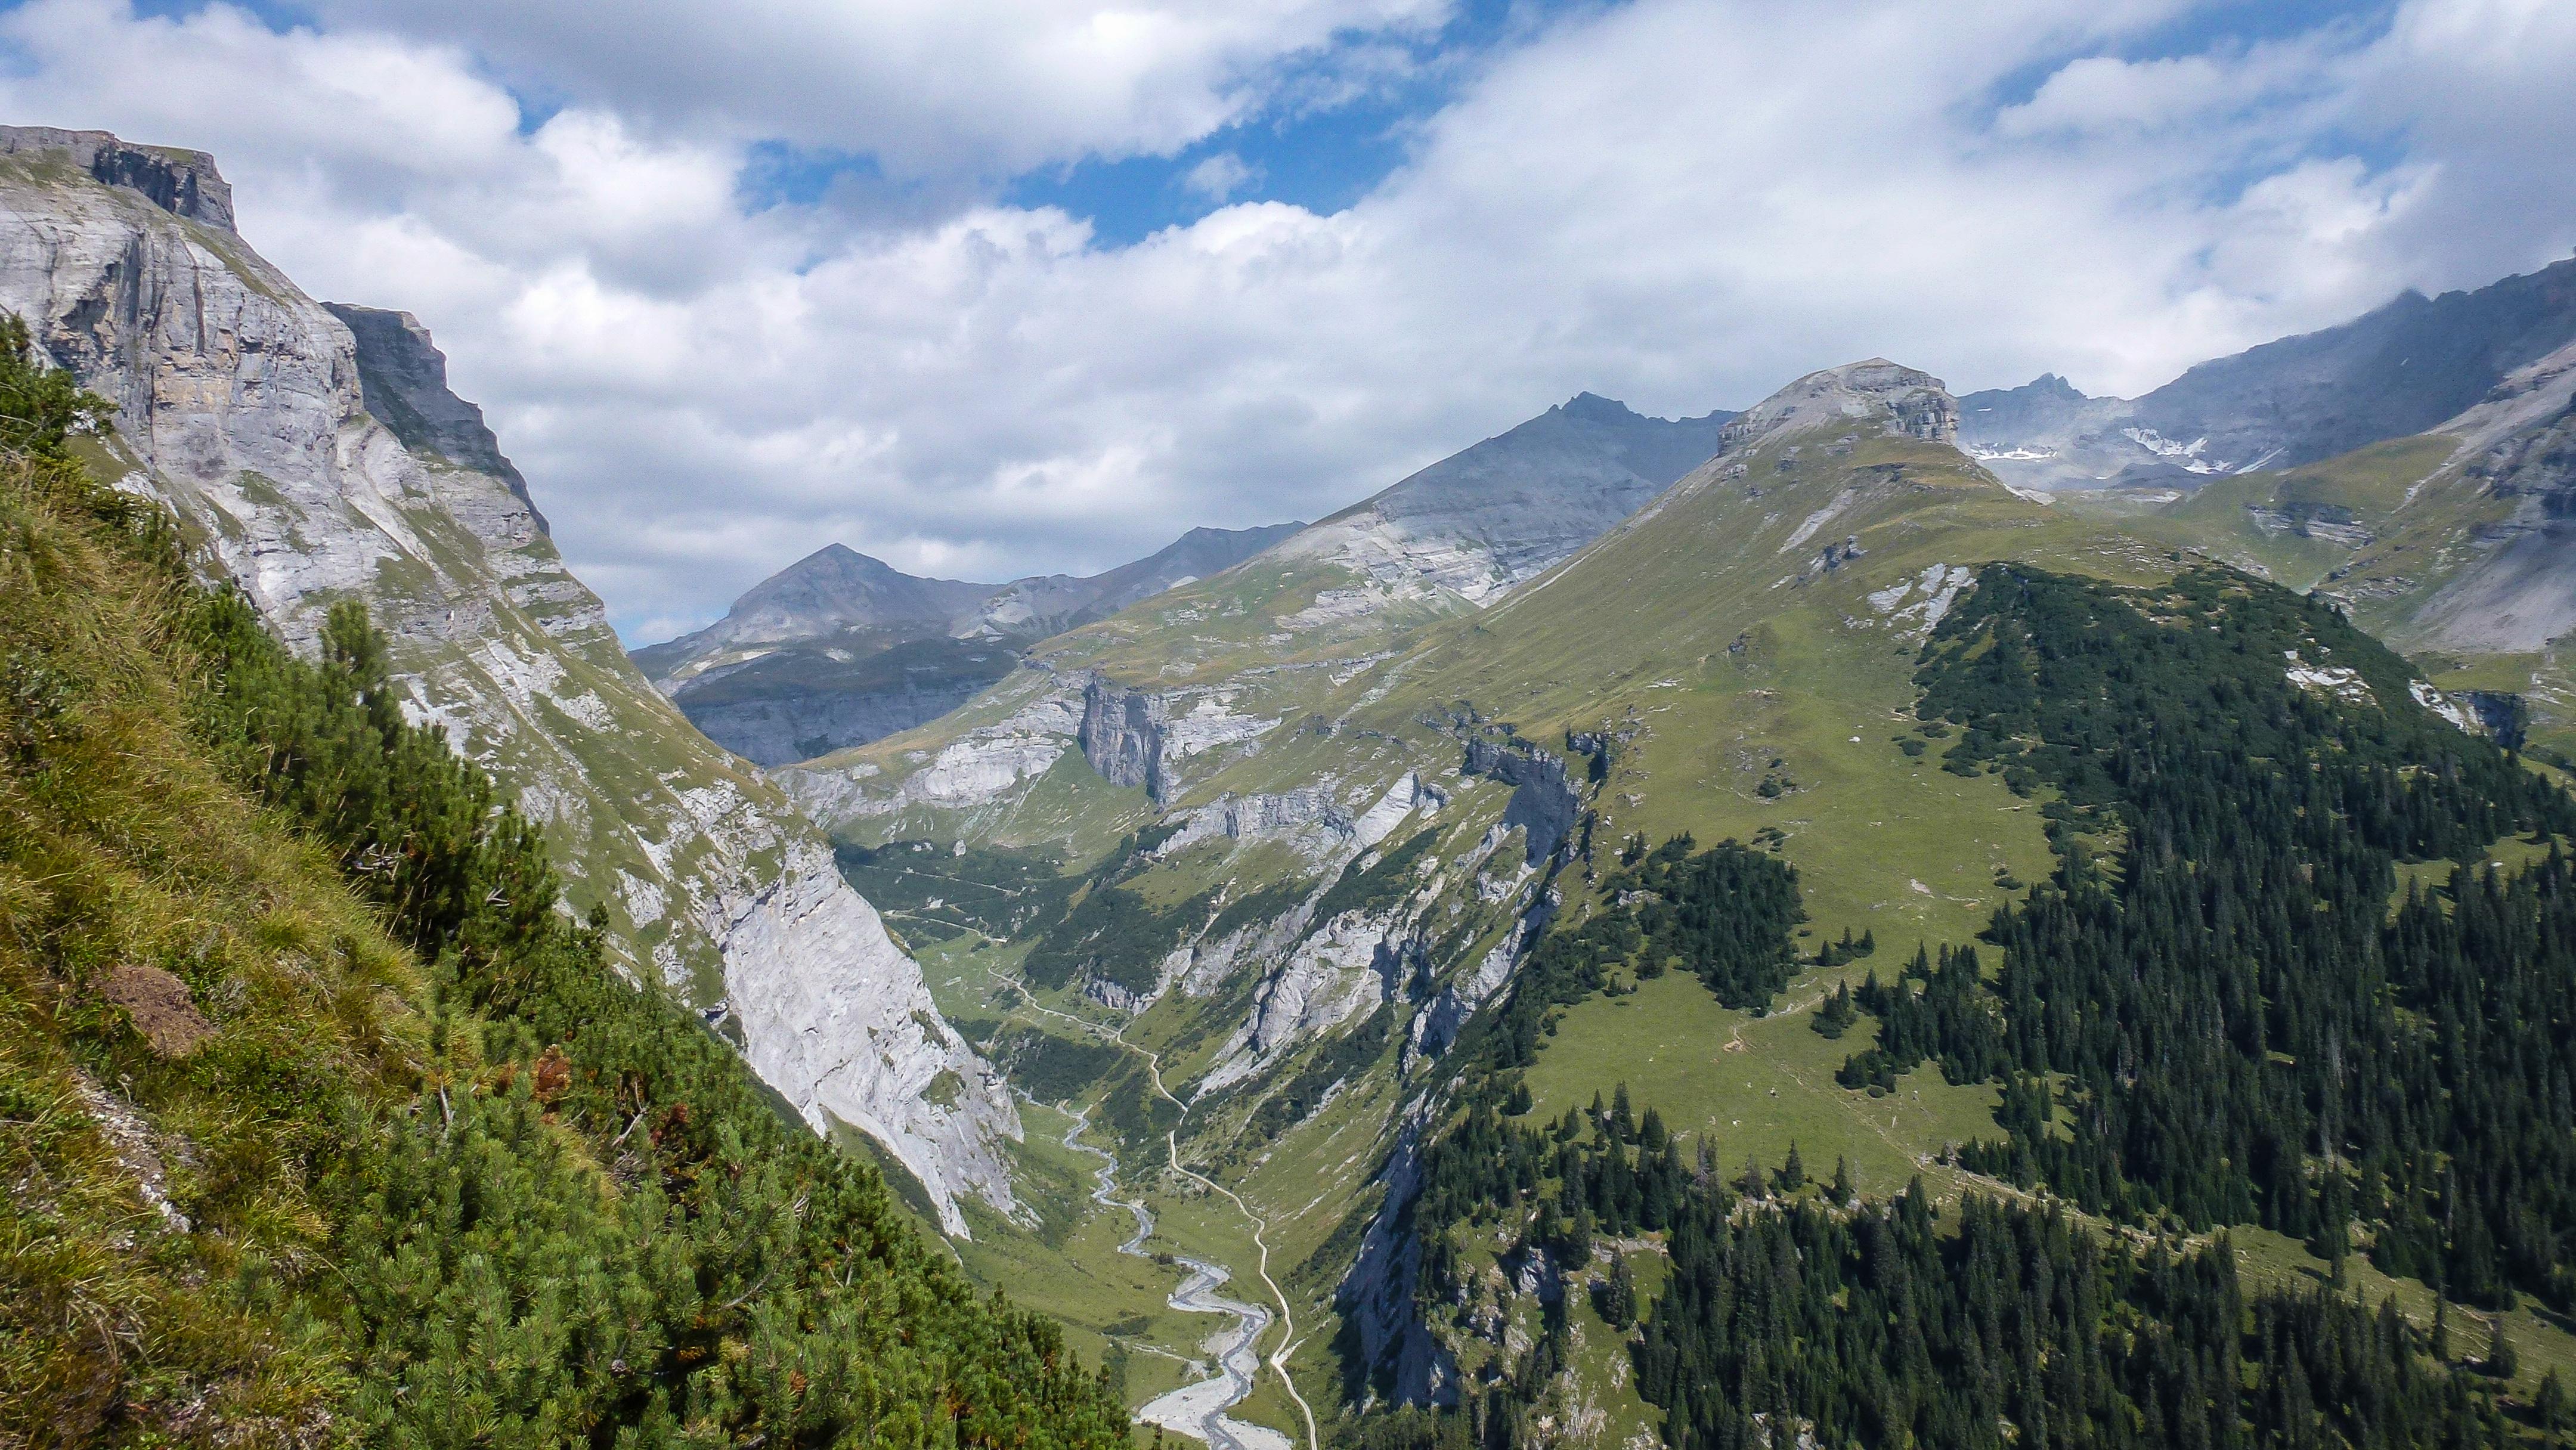 Klettersteig Graubünden : Der kletterseig pinut u2013 eine via ferrata hoch über flims bergwelt